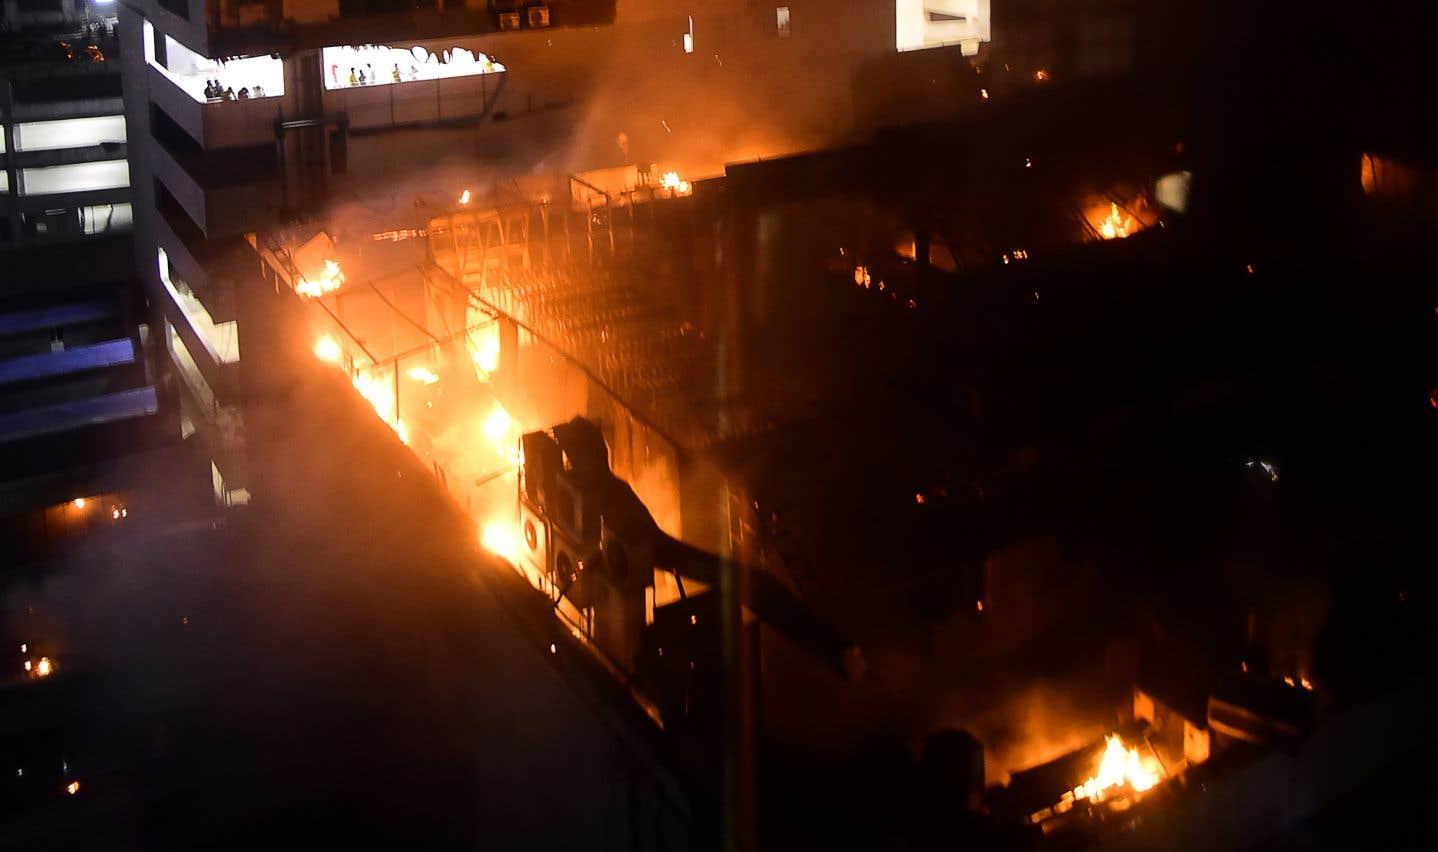 Plusieurs victimes n'ont pu fuir, car elles se sont retrouvées prises au piège en raison de l'effondrement d'un faux plafond de cet immeuble de quatre étages.